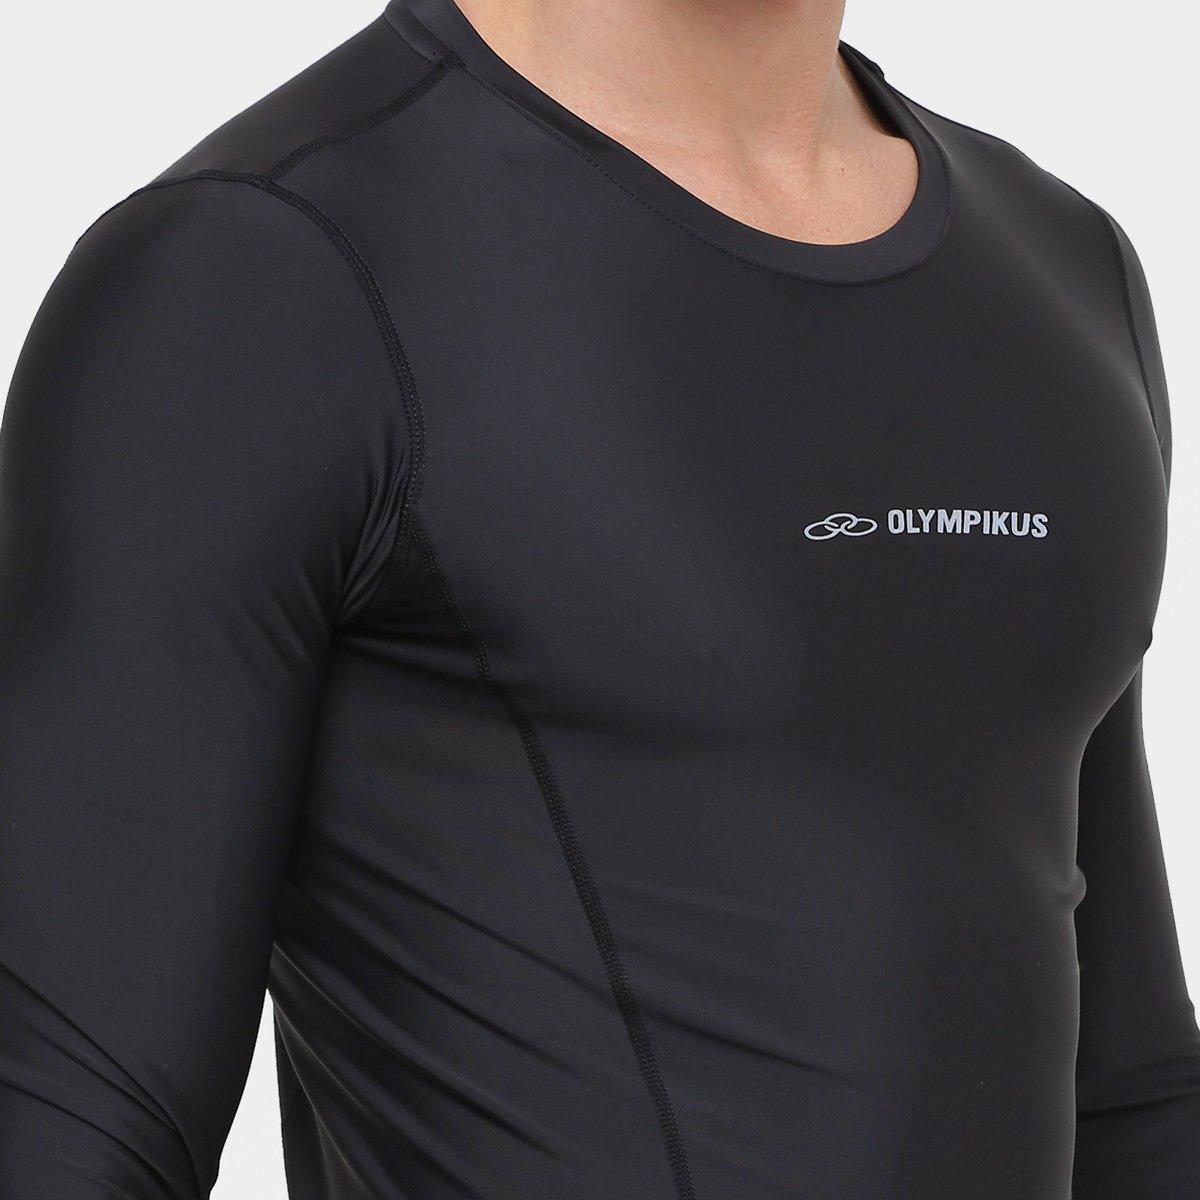 Camiseta de Compressão Olympikus Manga Longa Masculina - Compre ... 855d57e9fb3dc